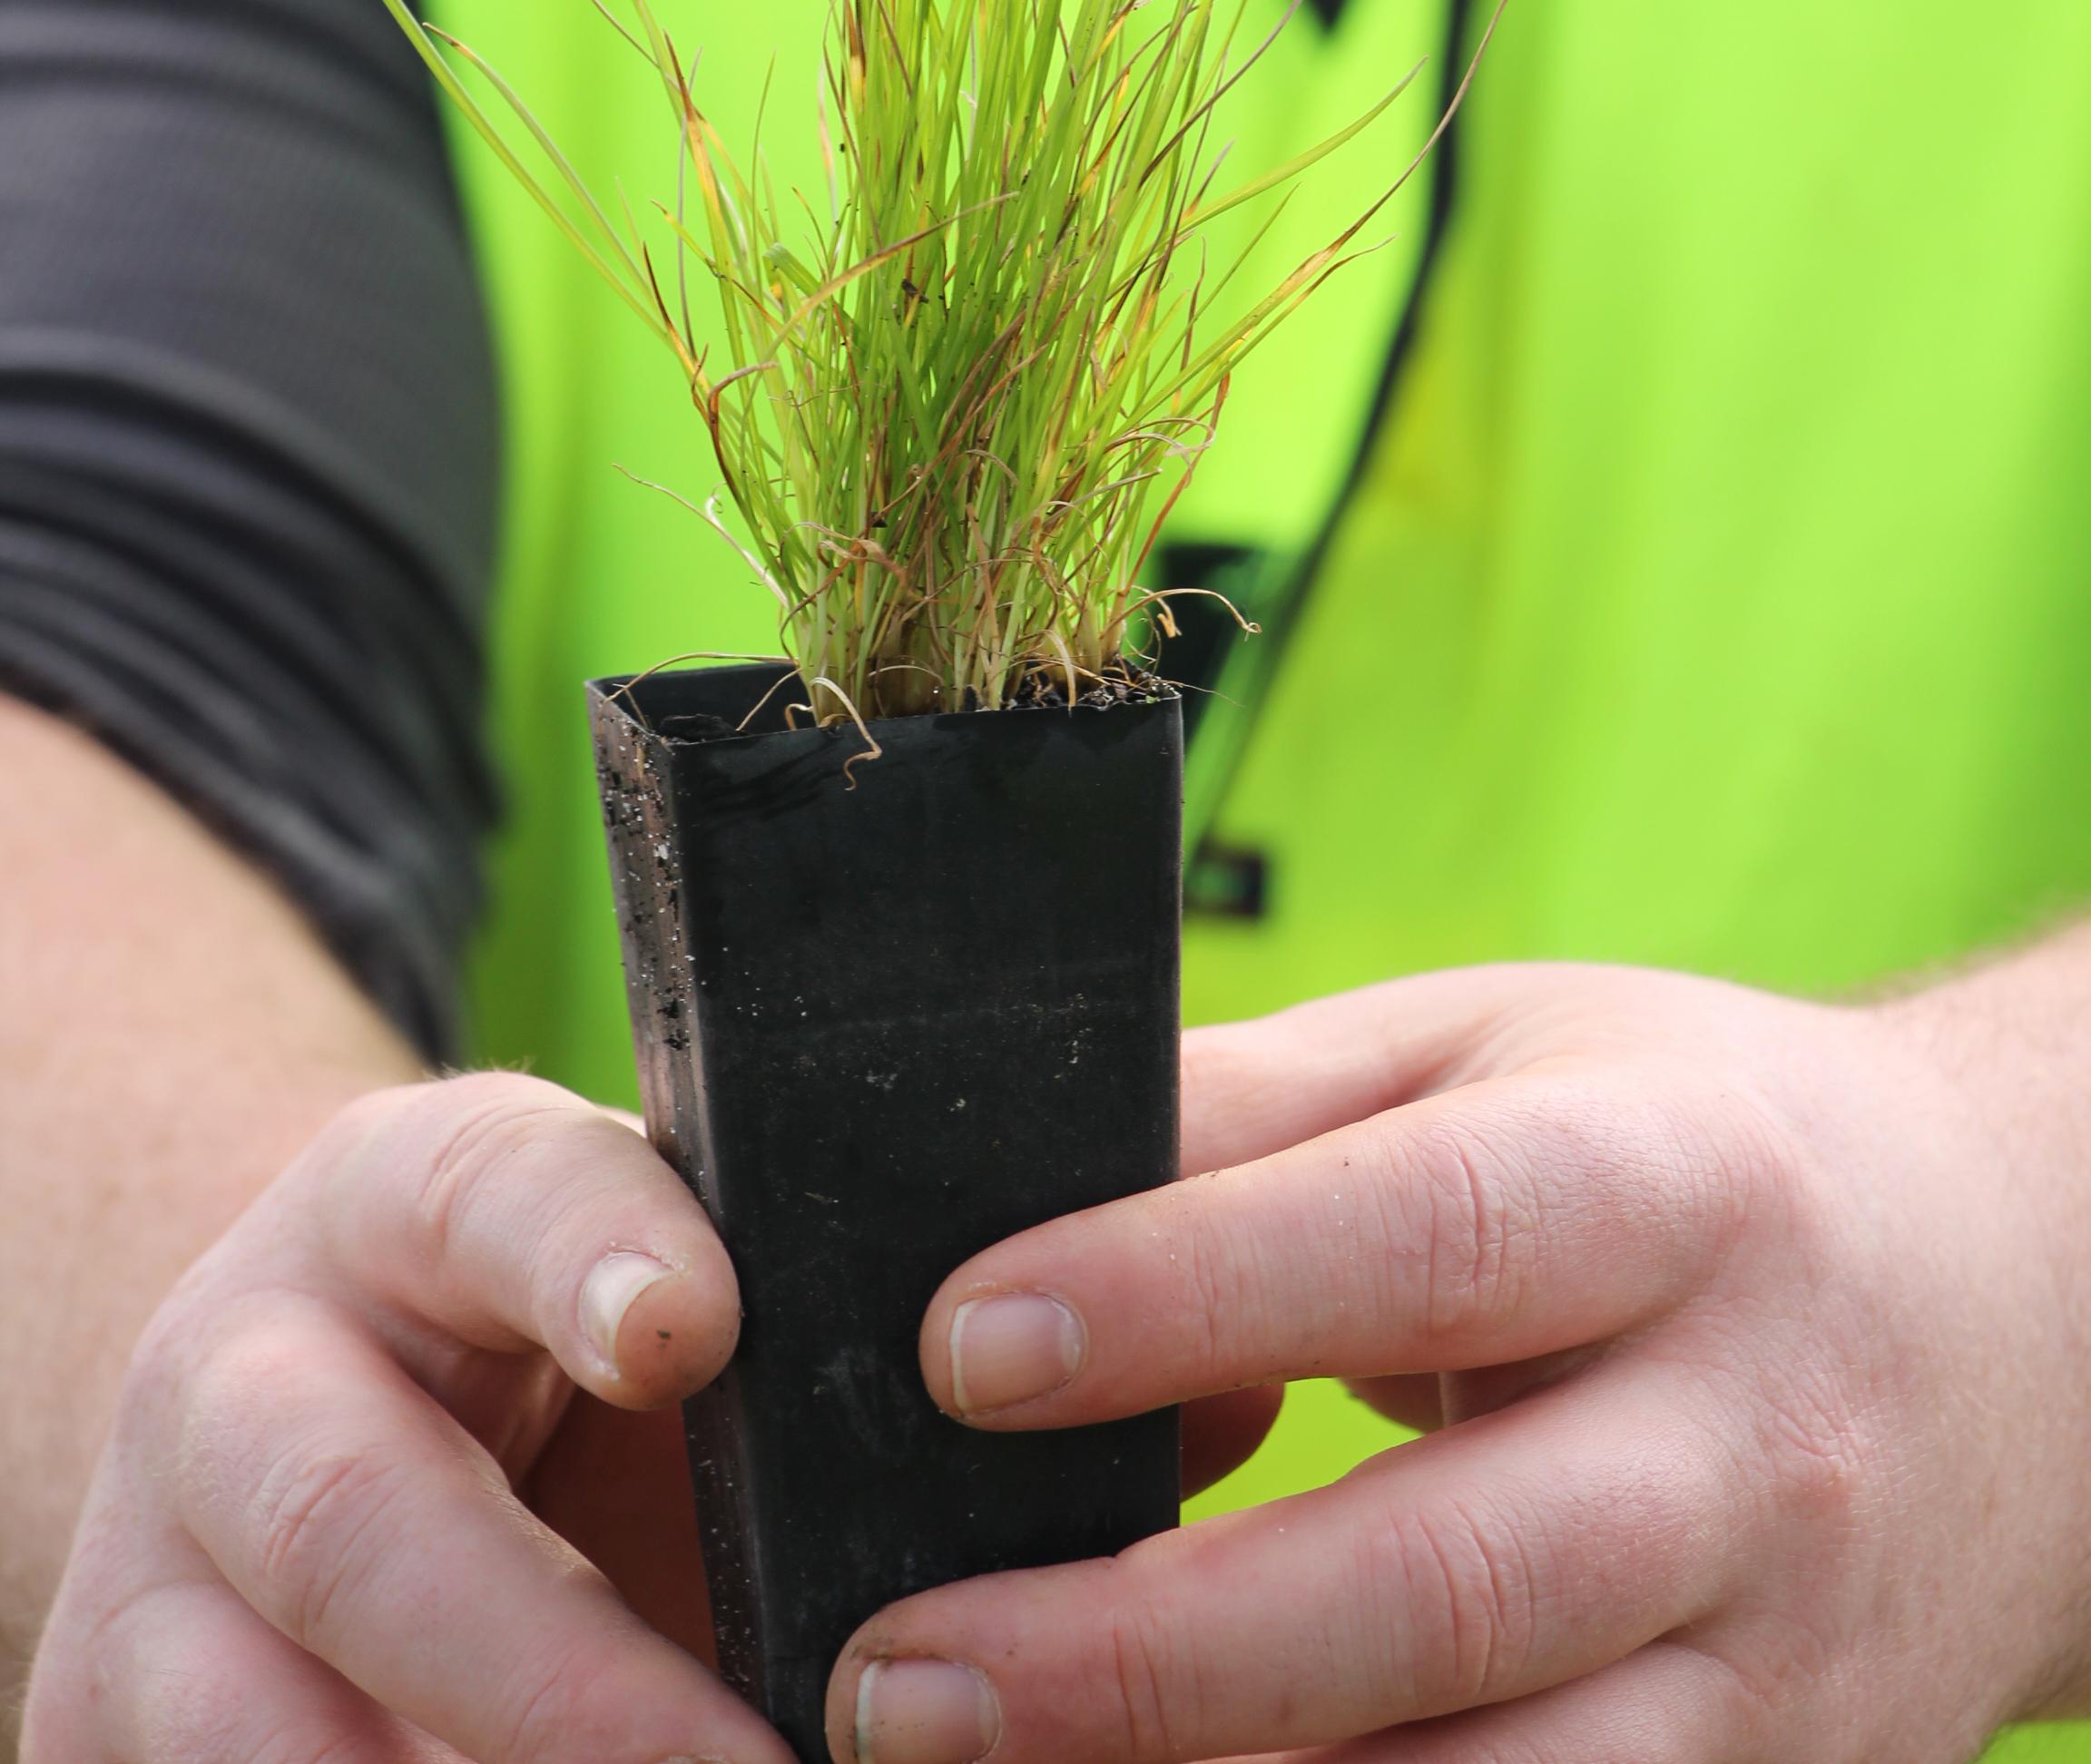 Den australske miljøorganisation Greenfleet planter træer som klimakompensation for CO2-udledning. Foto: Greenfleet Australia